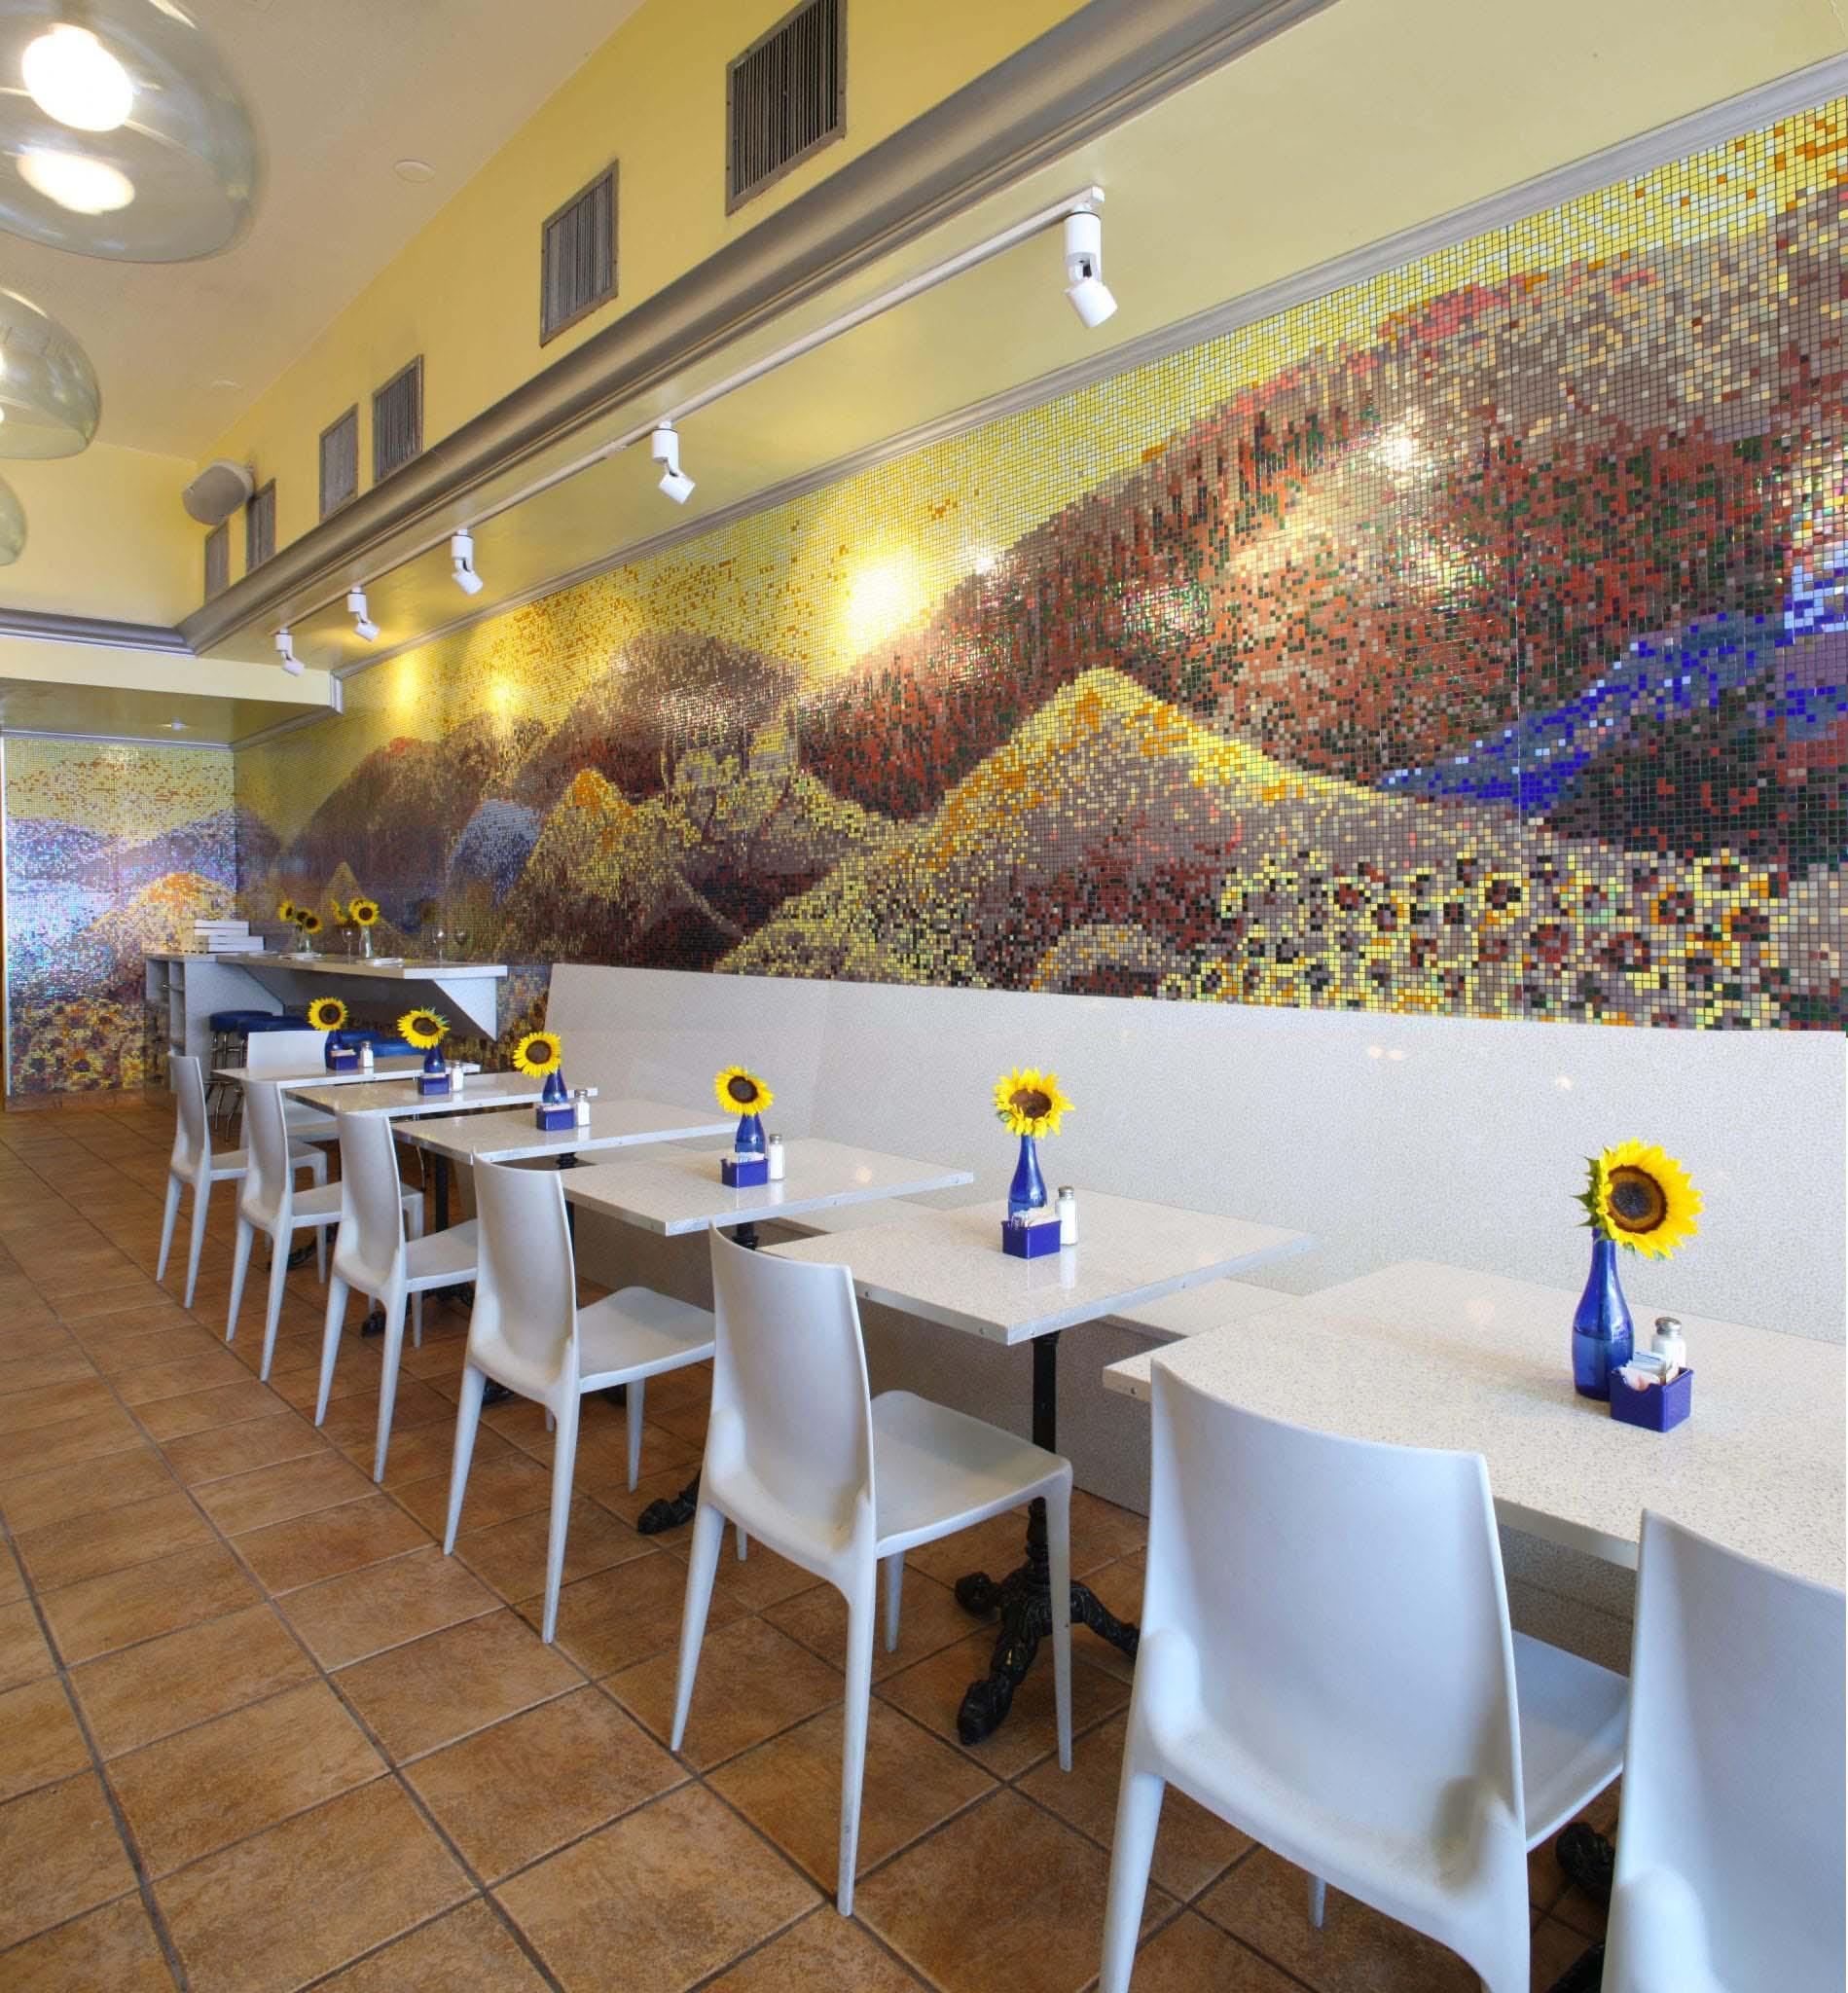 Spris Restaurant in Miami Beach, FL USA